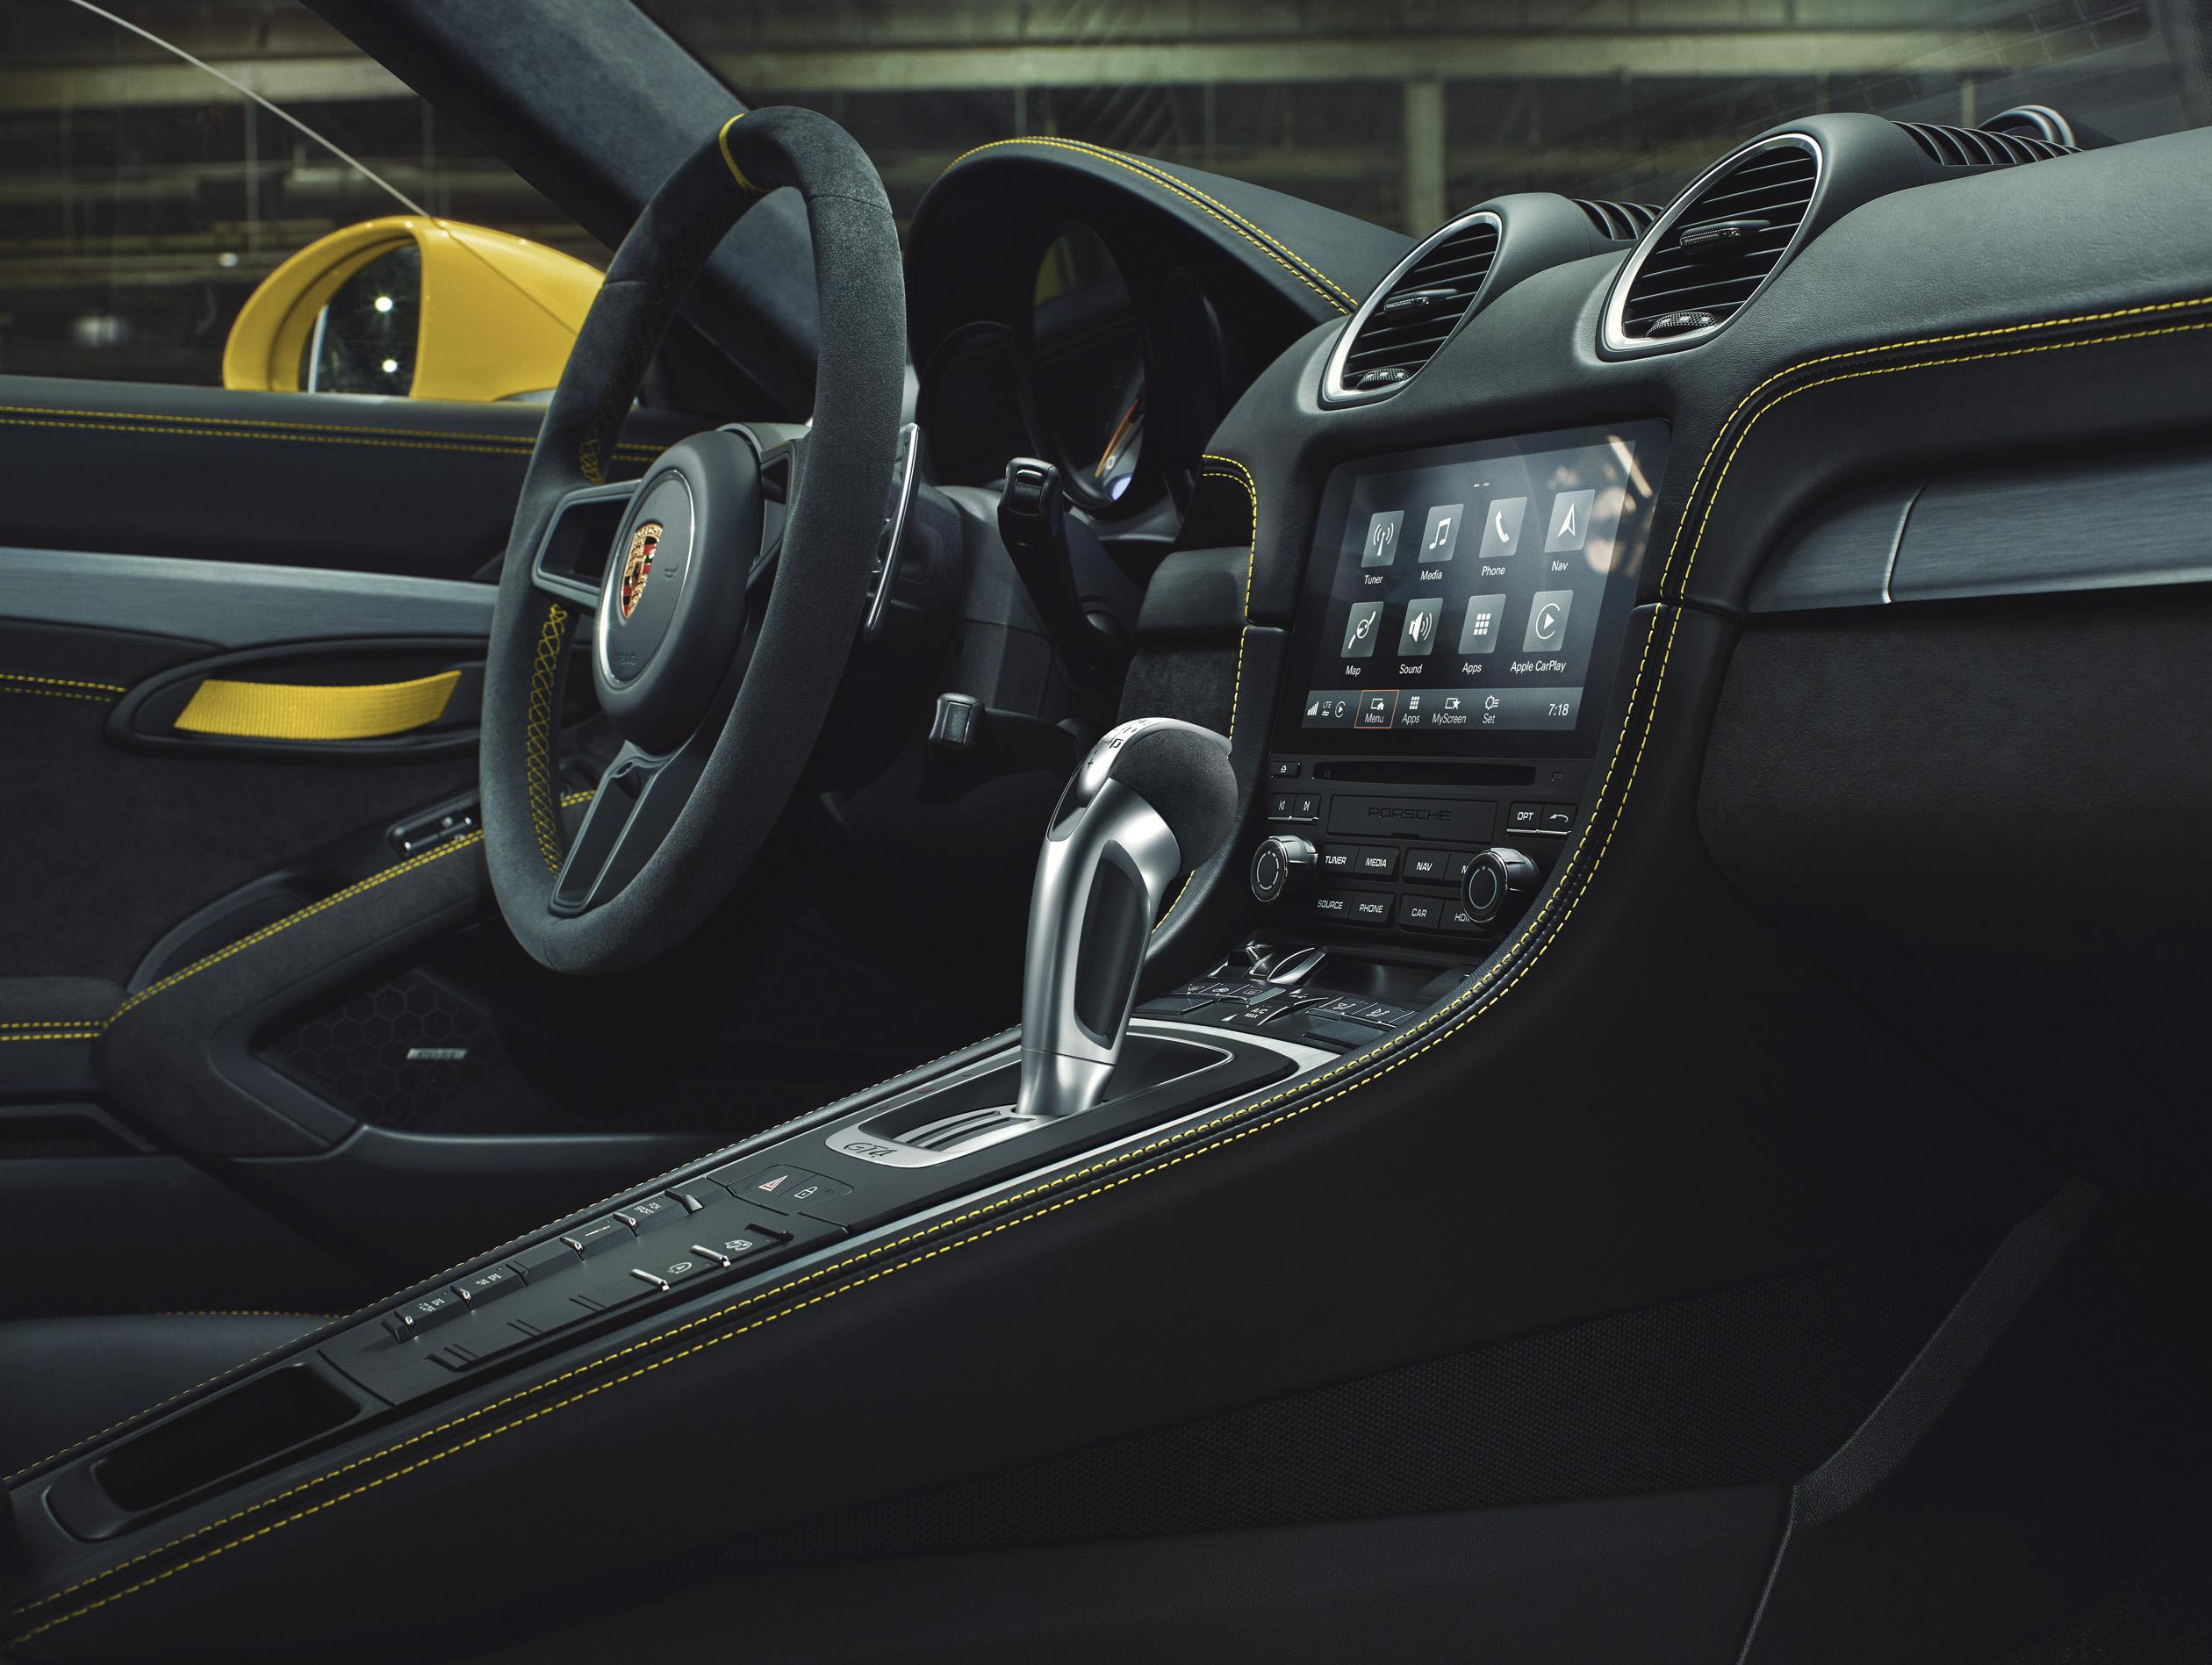 Porsche 718 Topo De Linha Passa A Usar A Transmissao De Dupla Embreagem Carpoint News